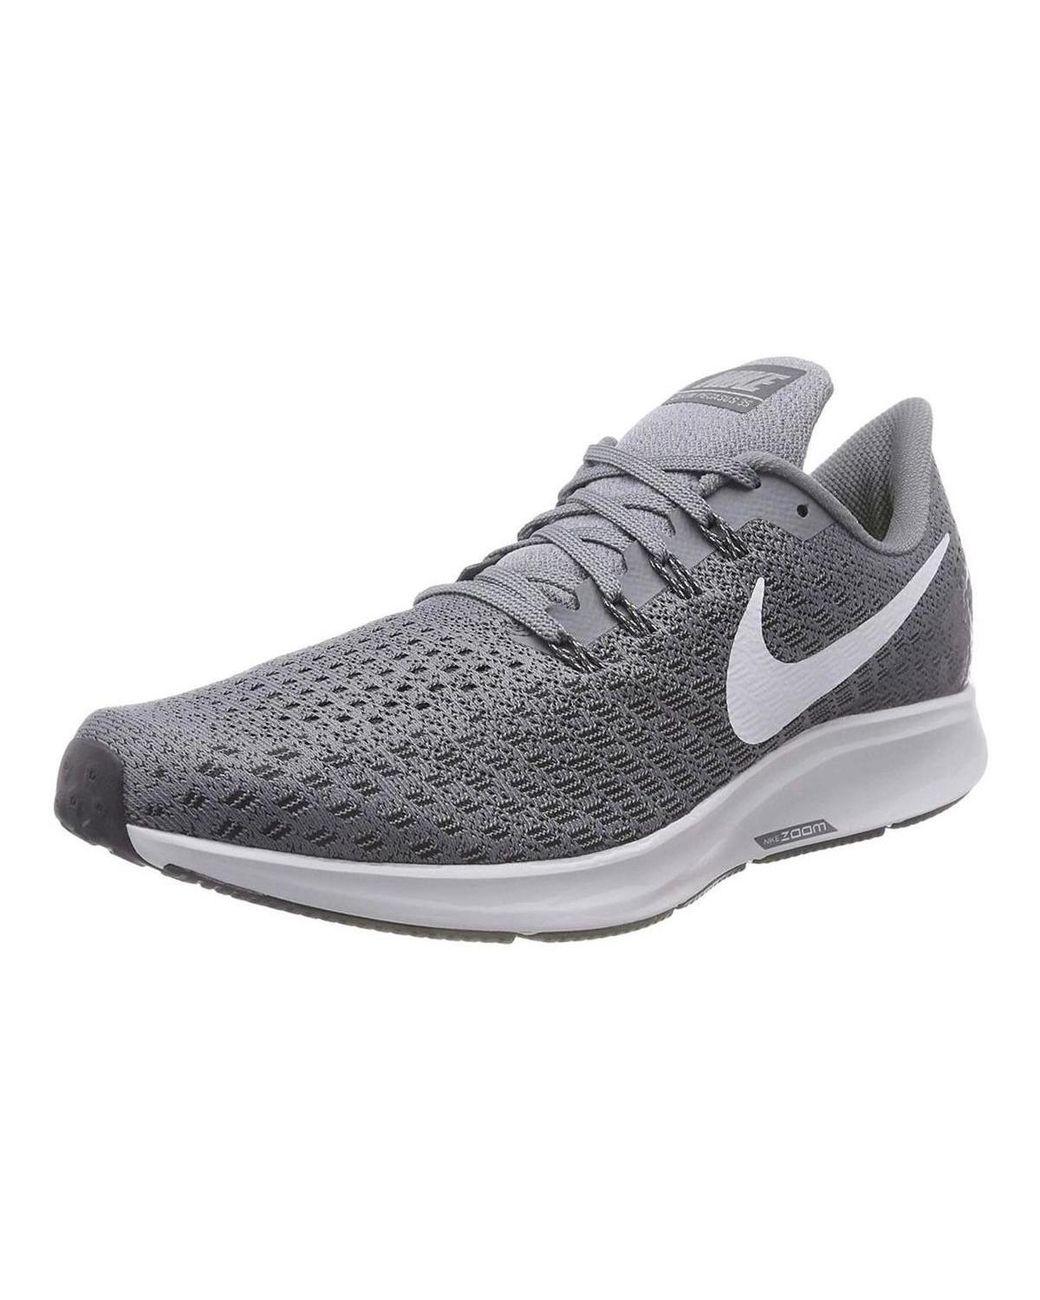 En Nike Coloris Gris 942851 Chaussures Lyst Femmes bf76yvYg